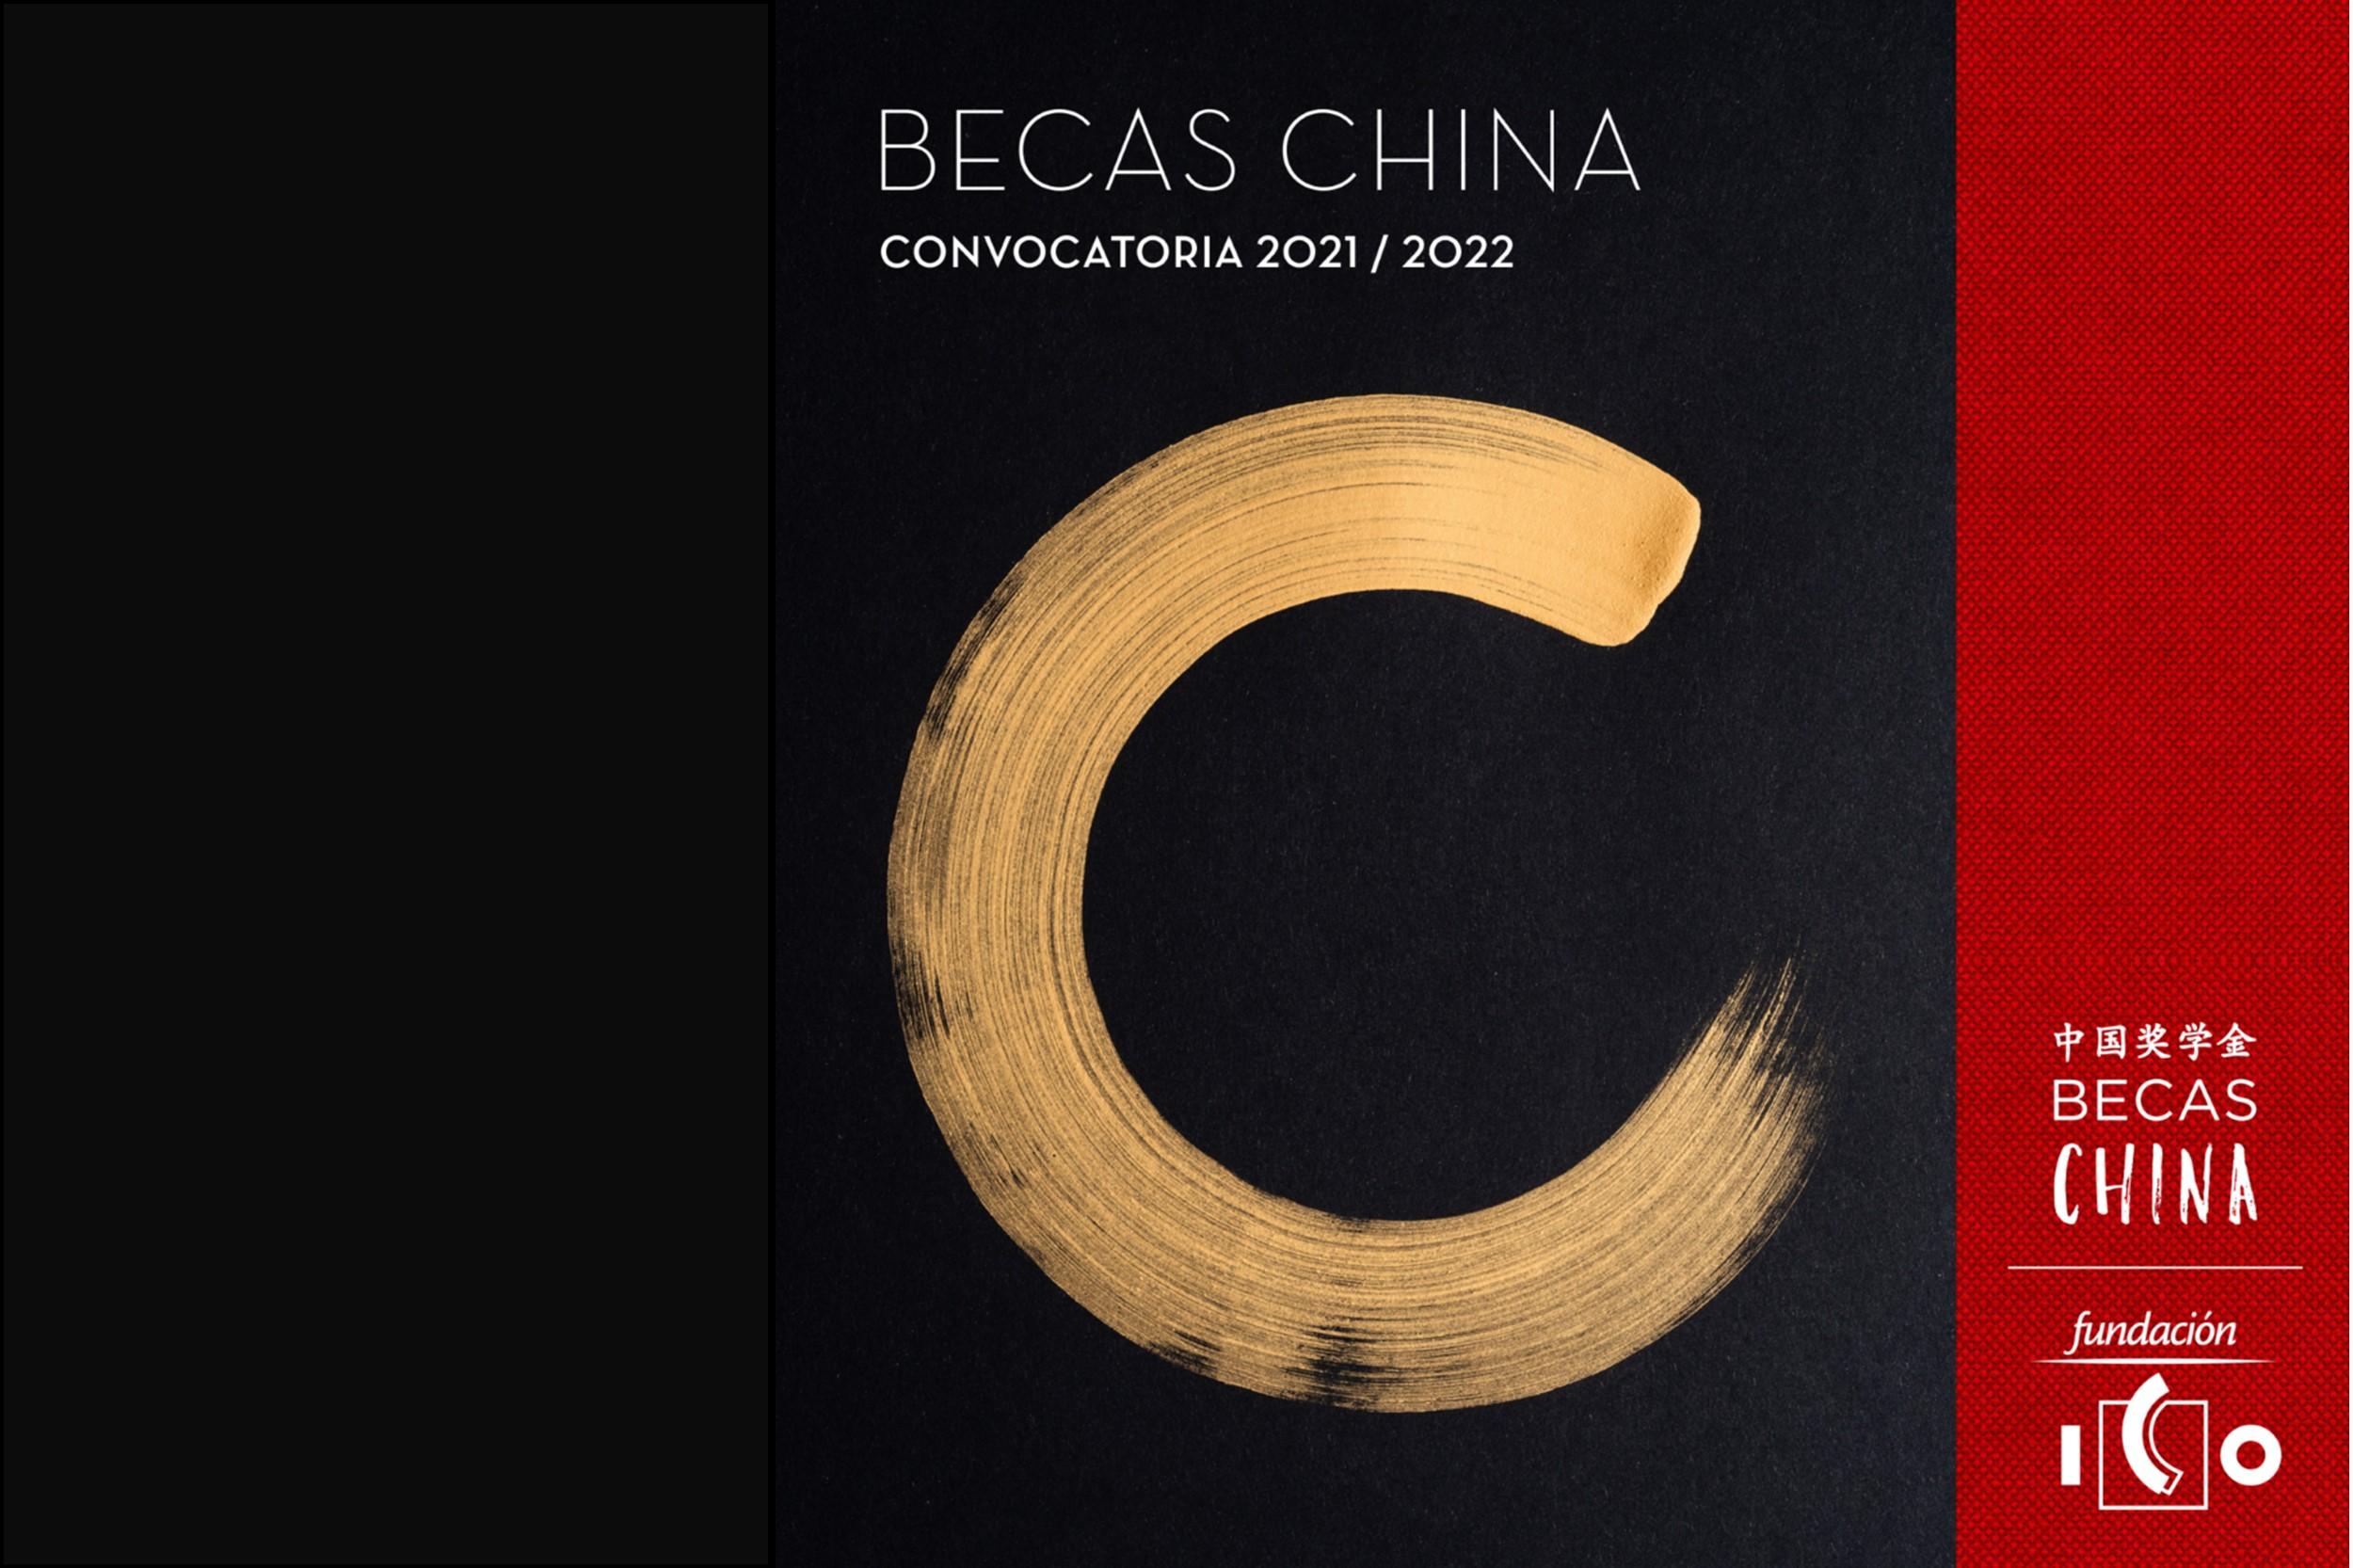 Fundación ICO Becas China 2021-2022